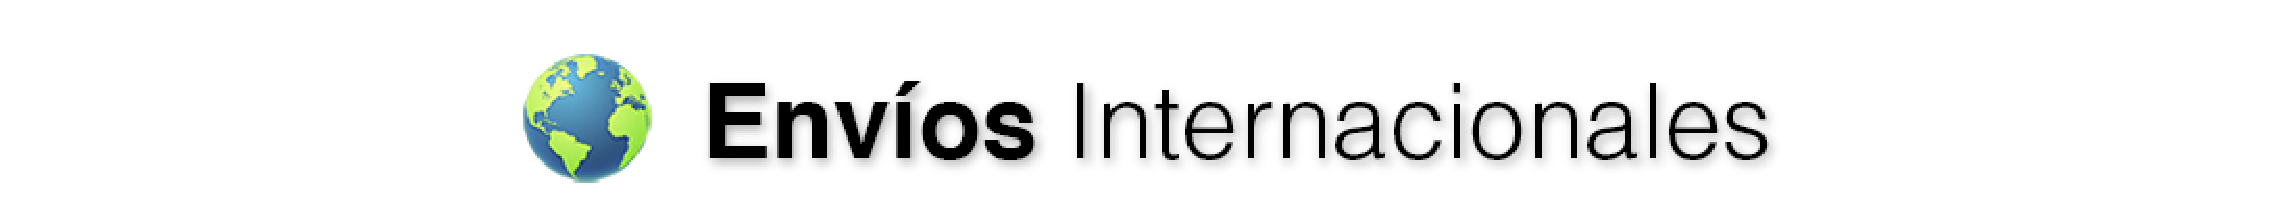 Envíos Internacionales